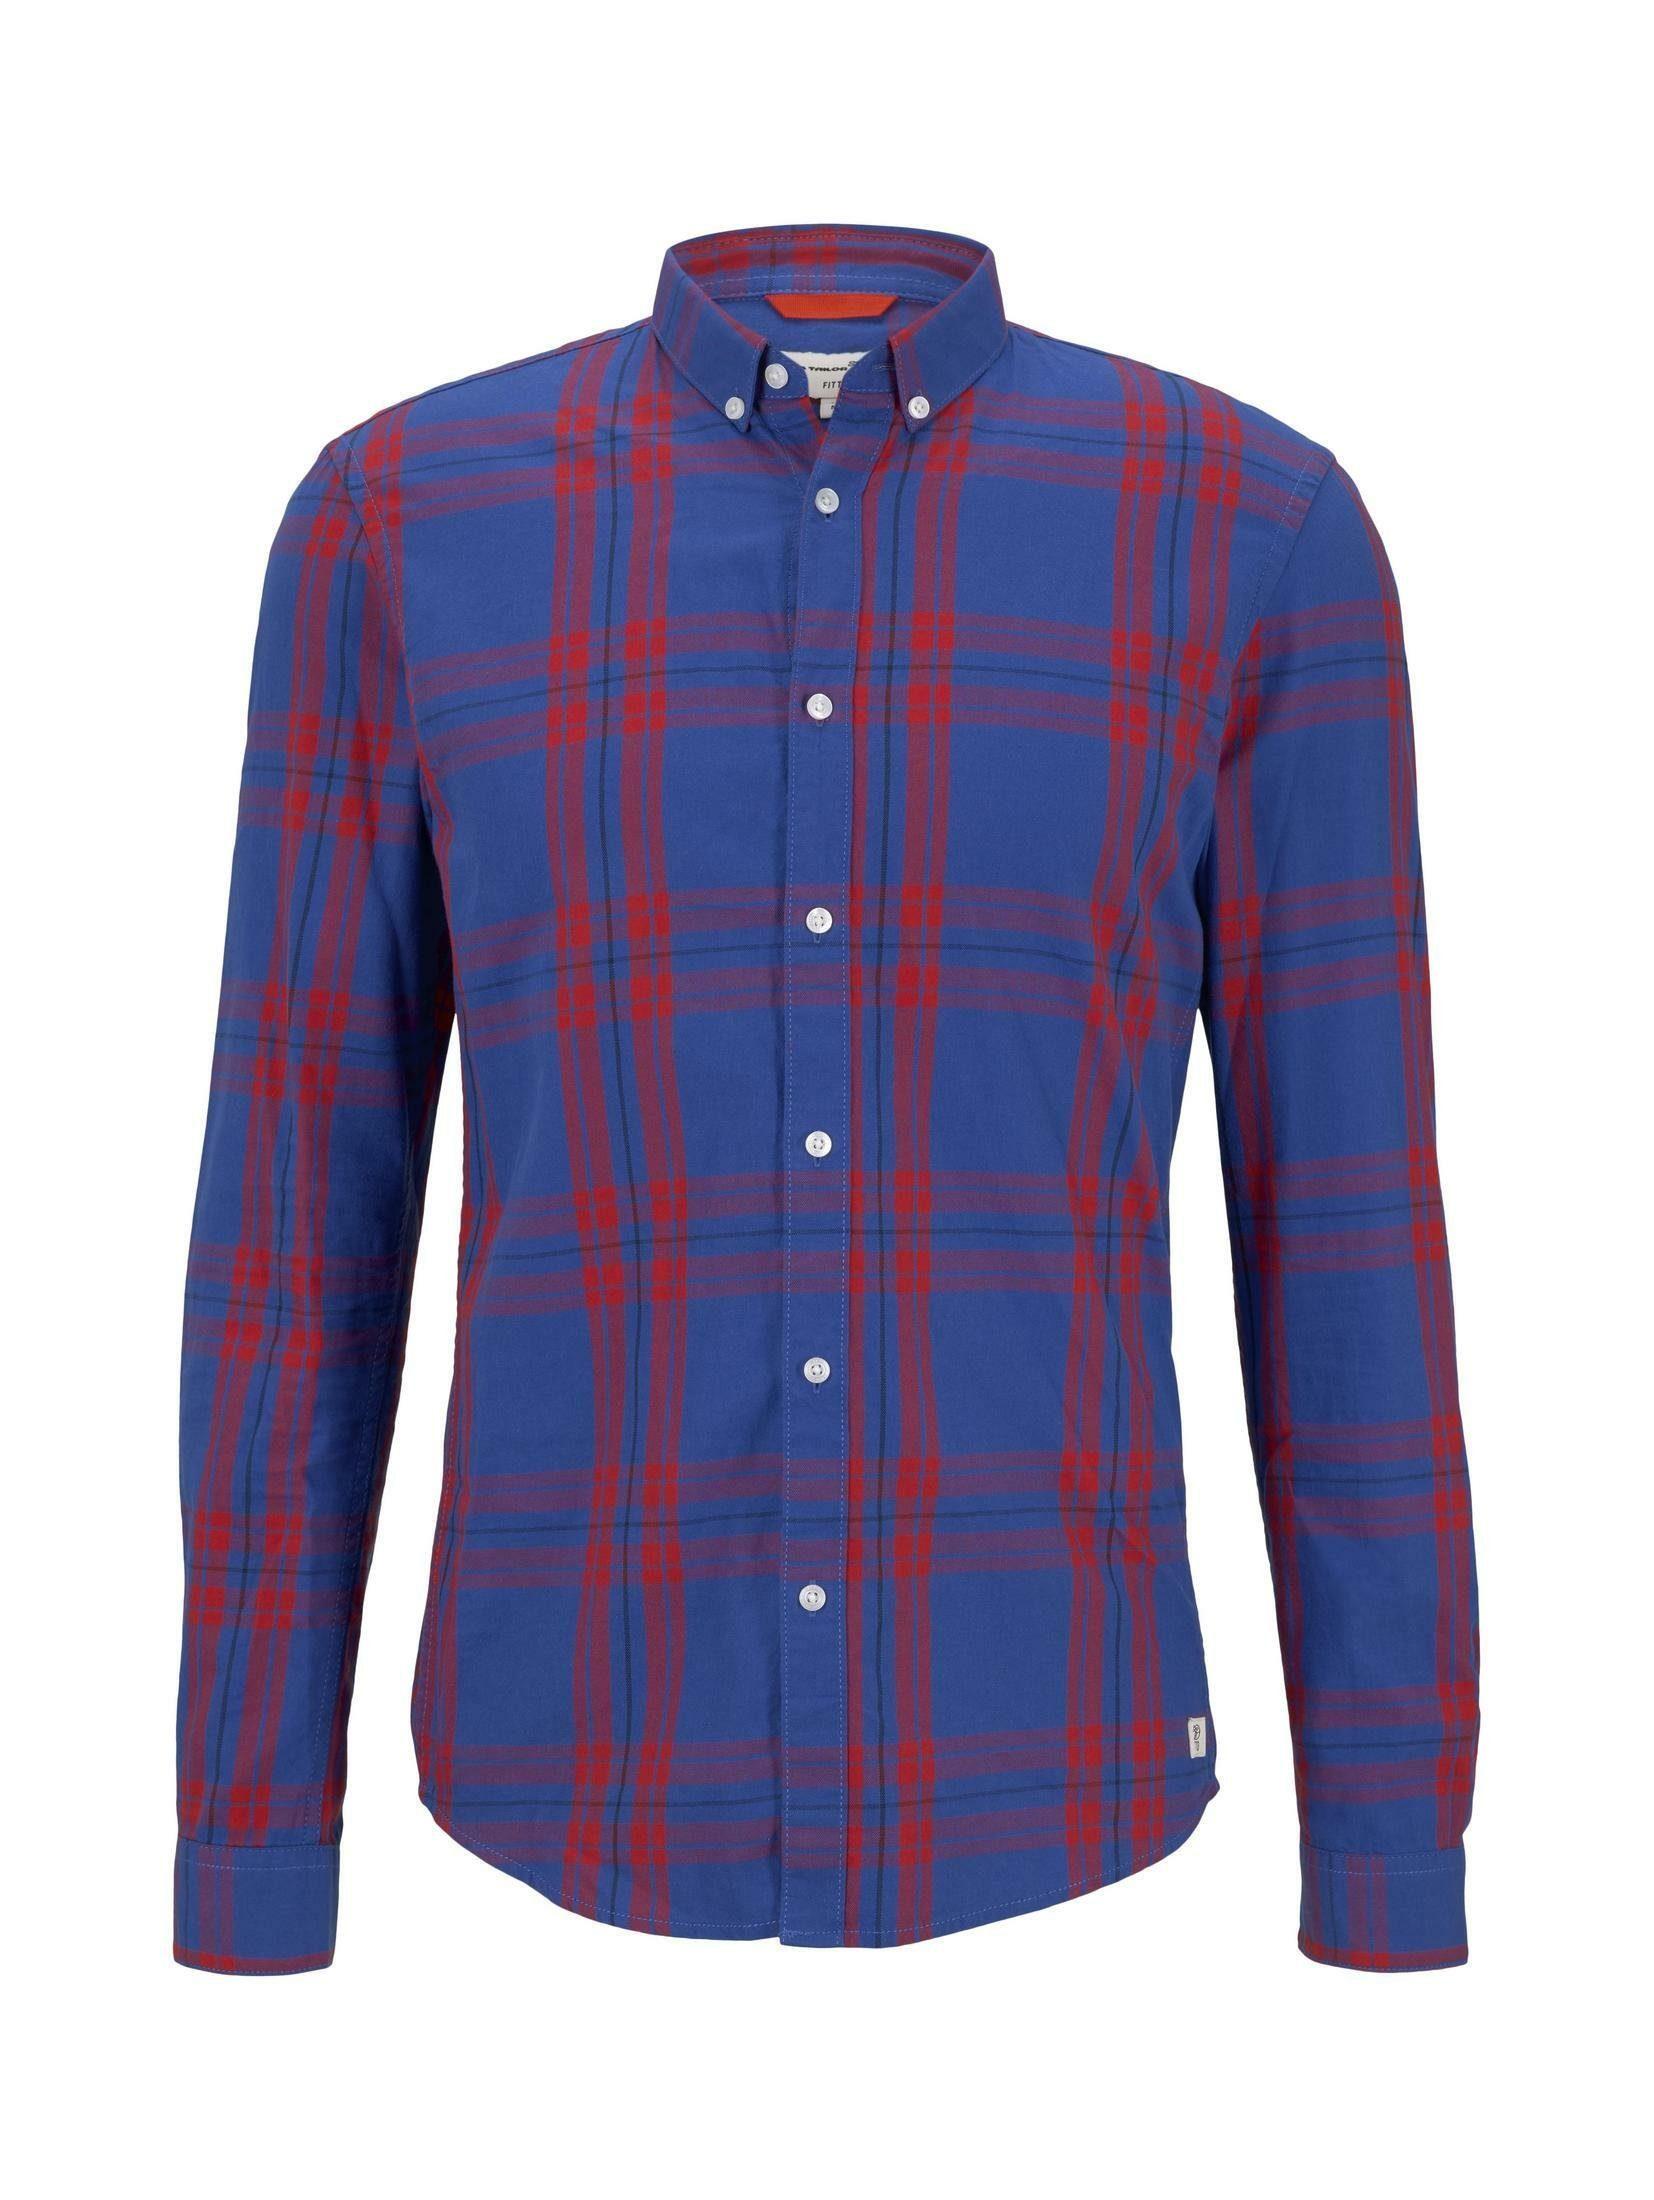 Tom Tailor Denim Overhemd Met Lange Mouwen Gemustertes Hemd In De Online Winkel - Geweldige Prijs